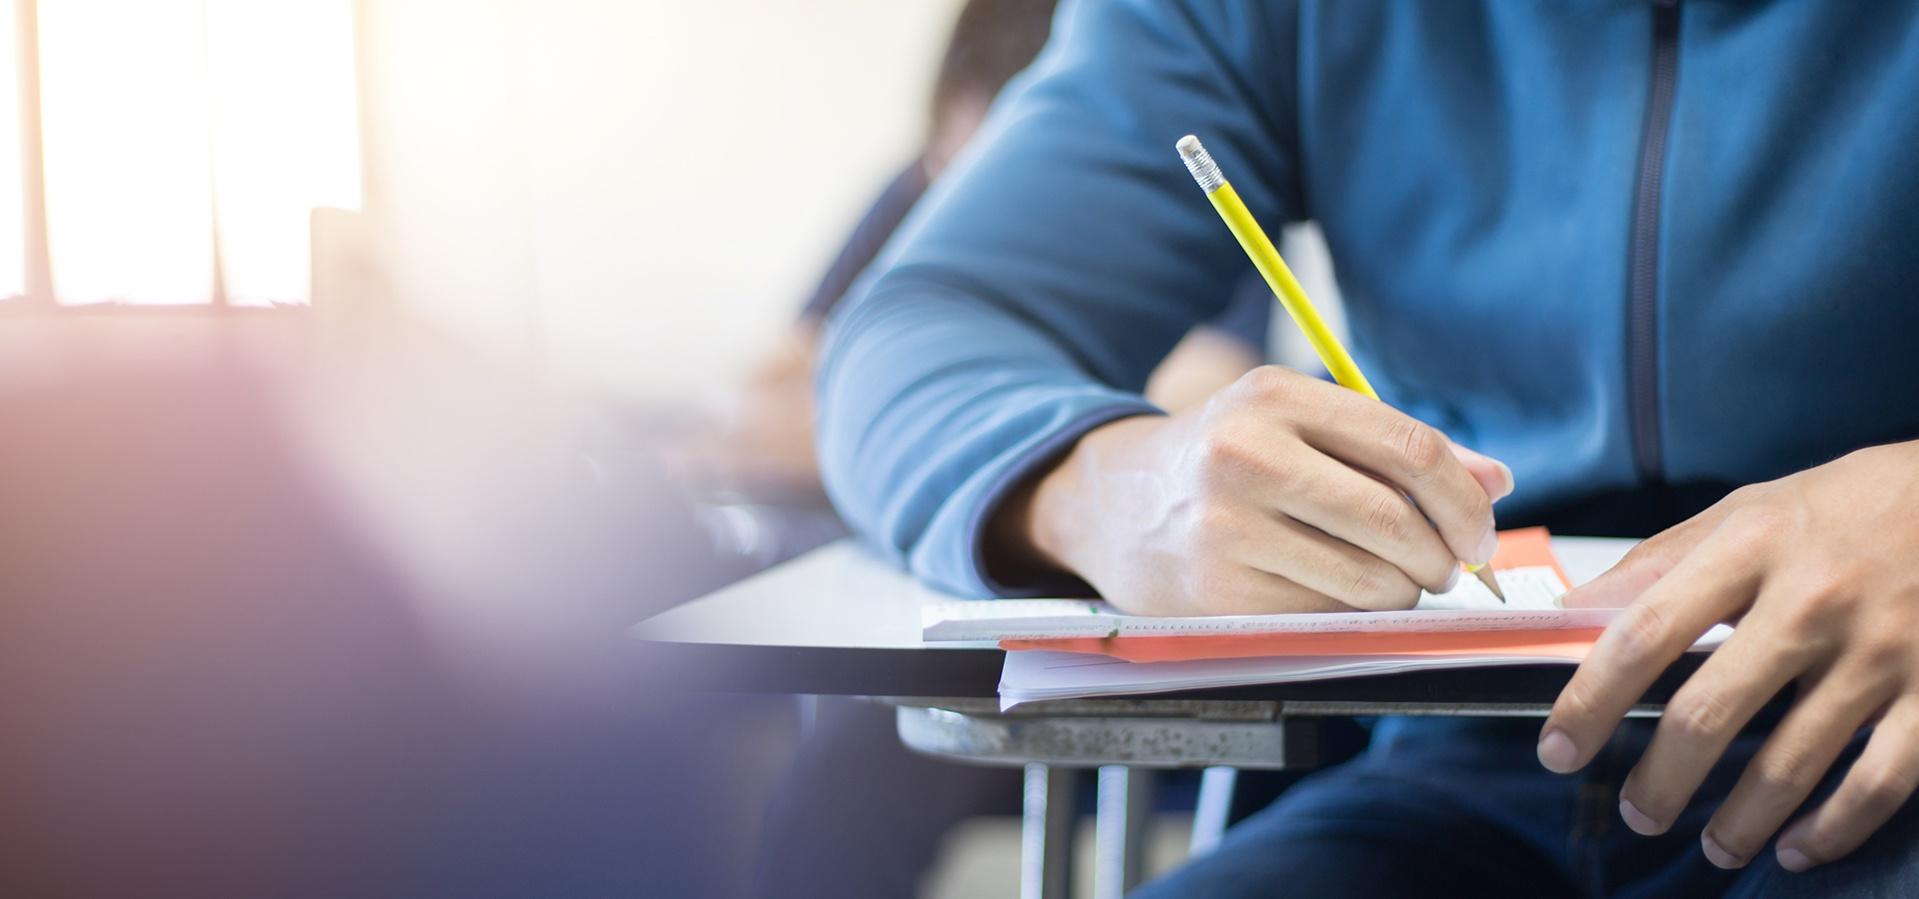 Kuvituskuva. Sinipaitainen opiskelija istuu pulpetissa ja kirjoittaa lyijykynällä paperiin.